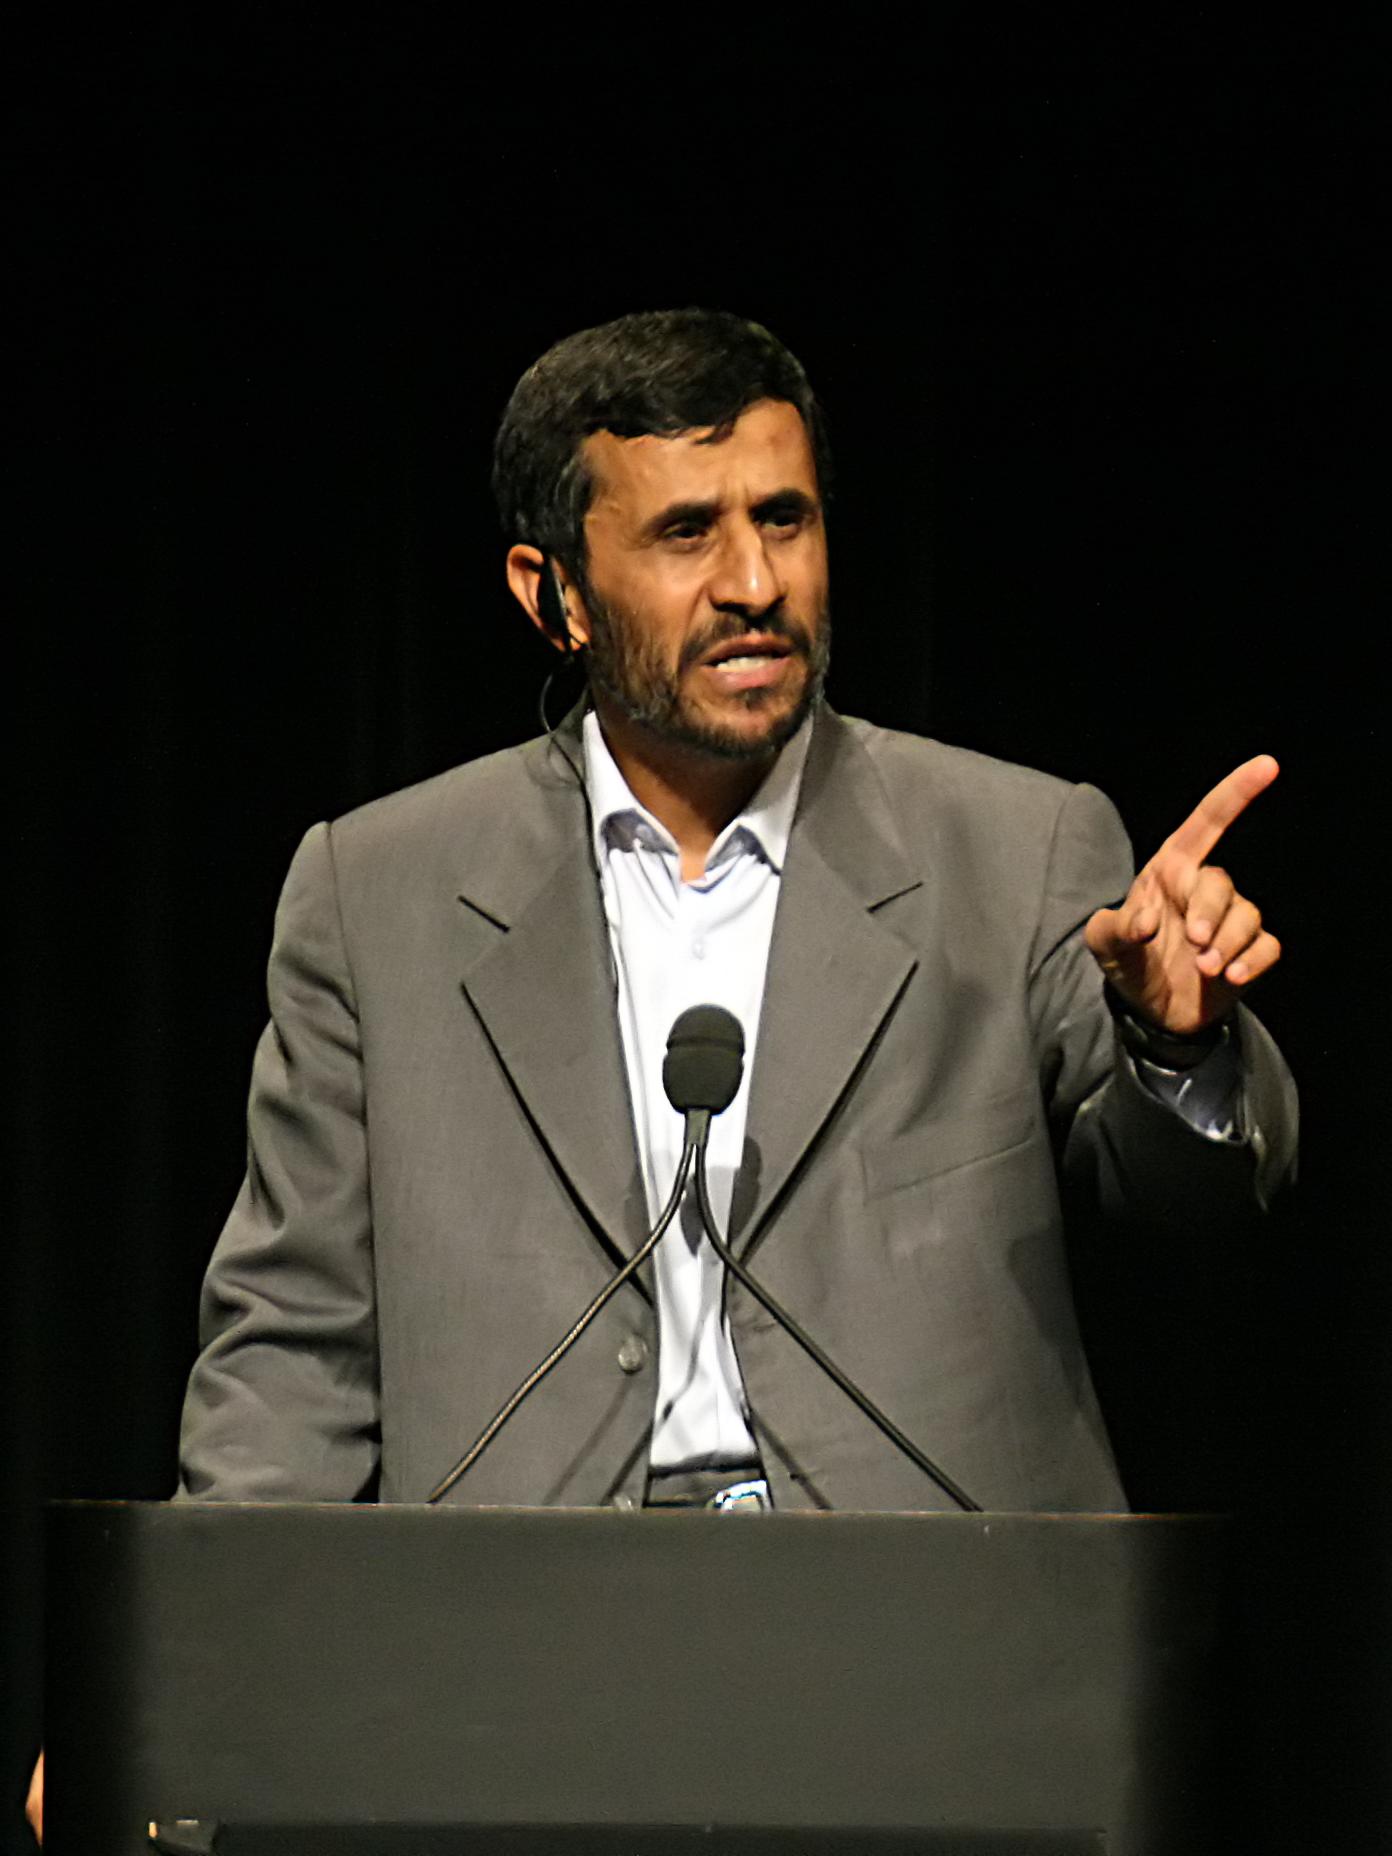 i-665adb6e14442f76a0d33dbdb8a5a259-Mahmoud_Ahmadinejad.jpg